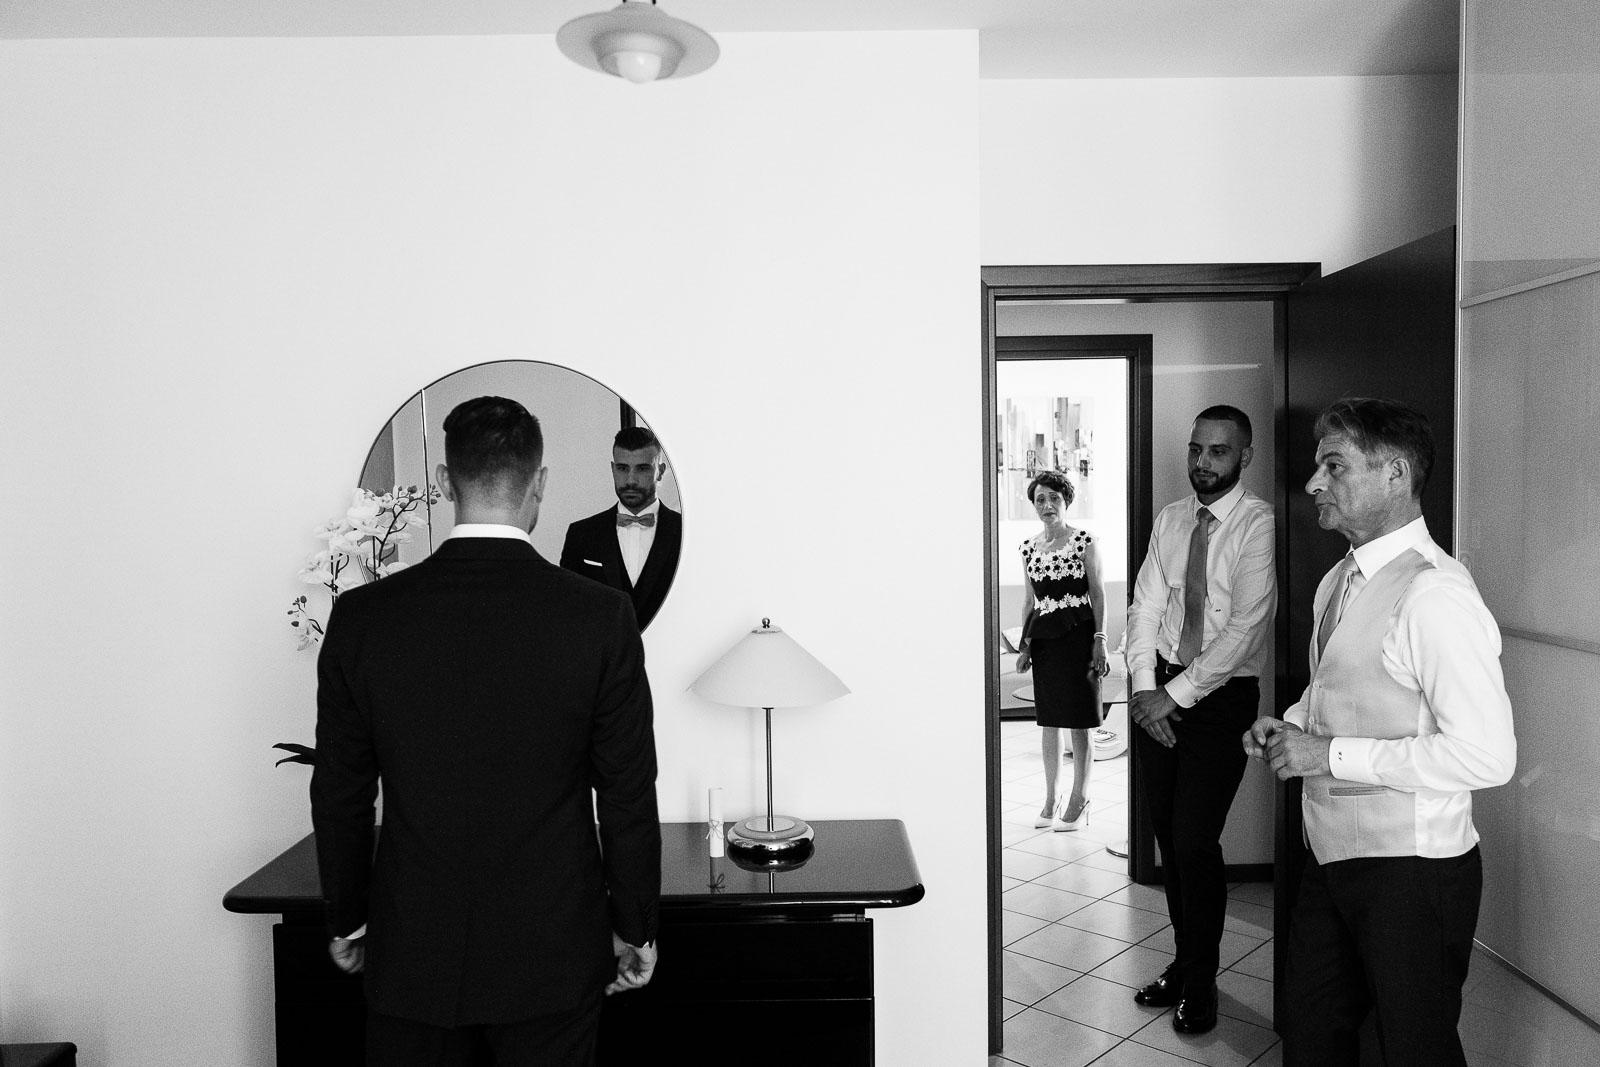 Fotografo di Matrimonio a Brugherio in Brianza. Location: Corte Rustica Borromeo a Oreno. Max Allegritti, Fotografo Professionista di matrimonio a Milano e Monza Brianza